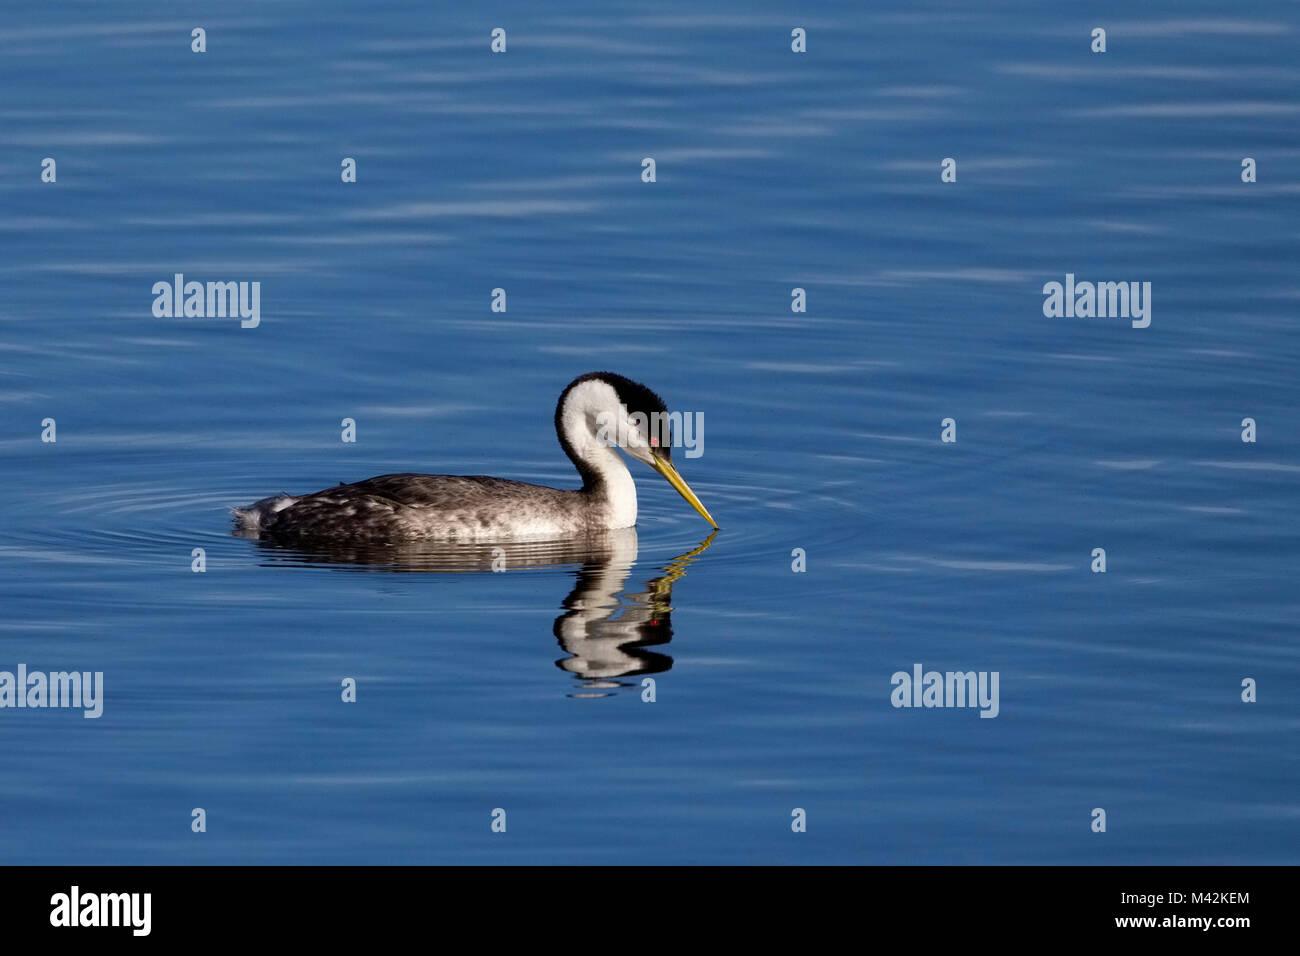 Grèbe élégant sur l'eau bleu vif Photo Stock